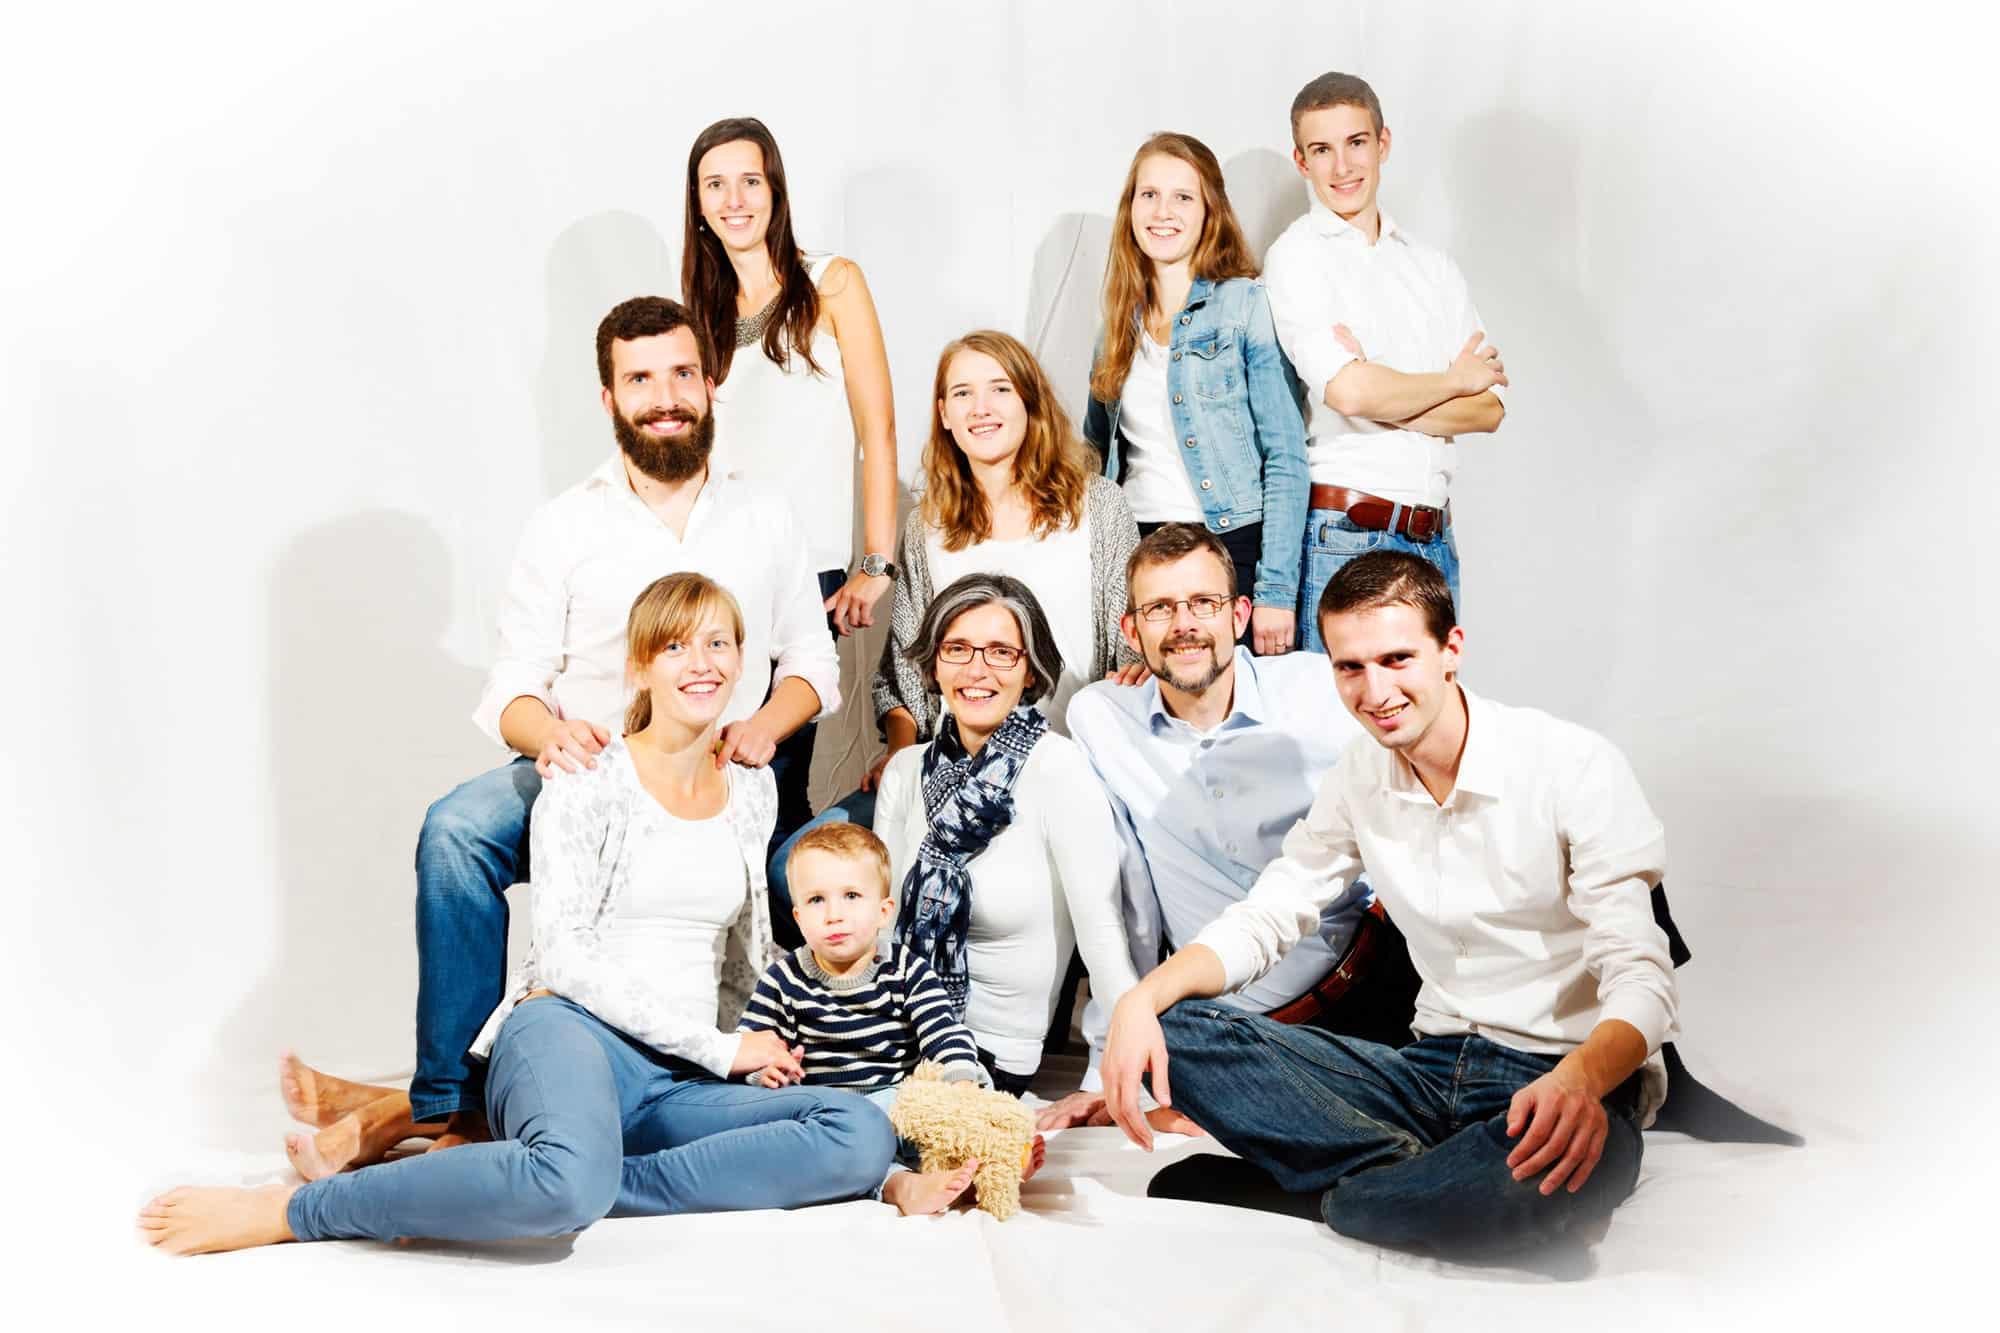 familie gezin fotoshoot thuis Getsewoud Nieuw-Vennep fotostudio